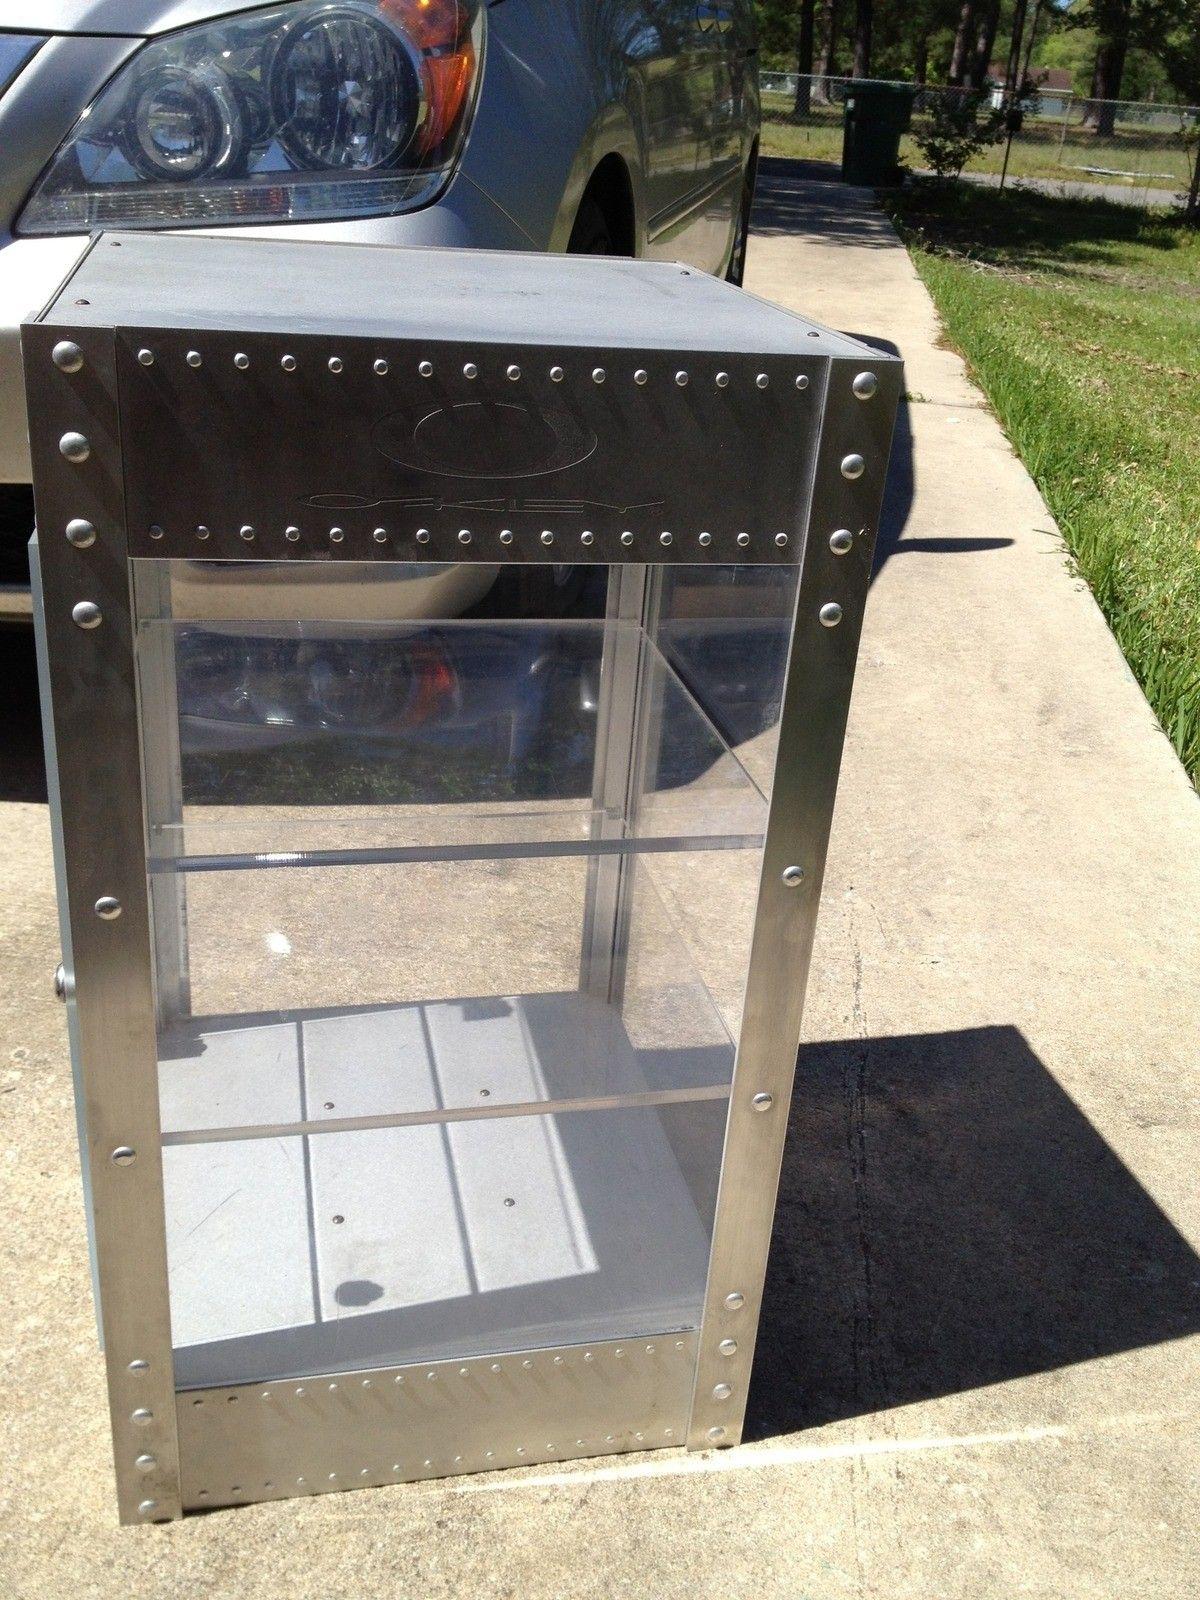 Looking To Sell 4 Oakley Display Cases - ICFbx4J5_original.jpg